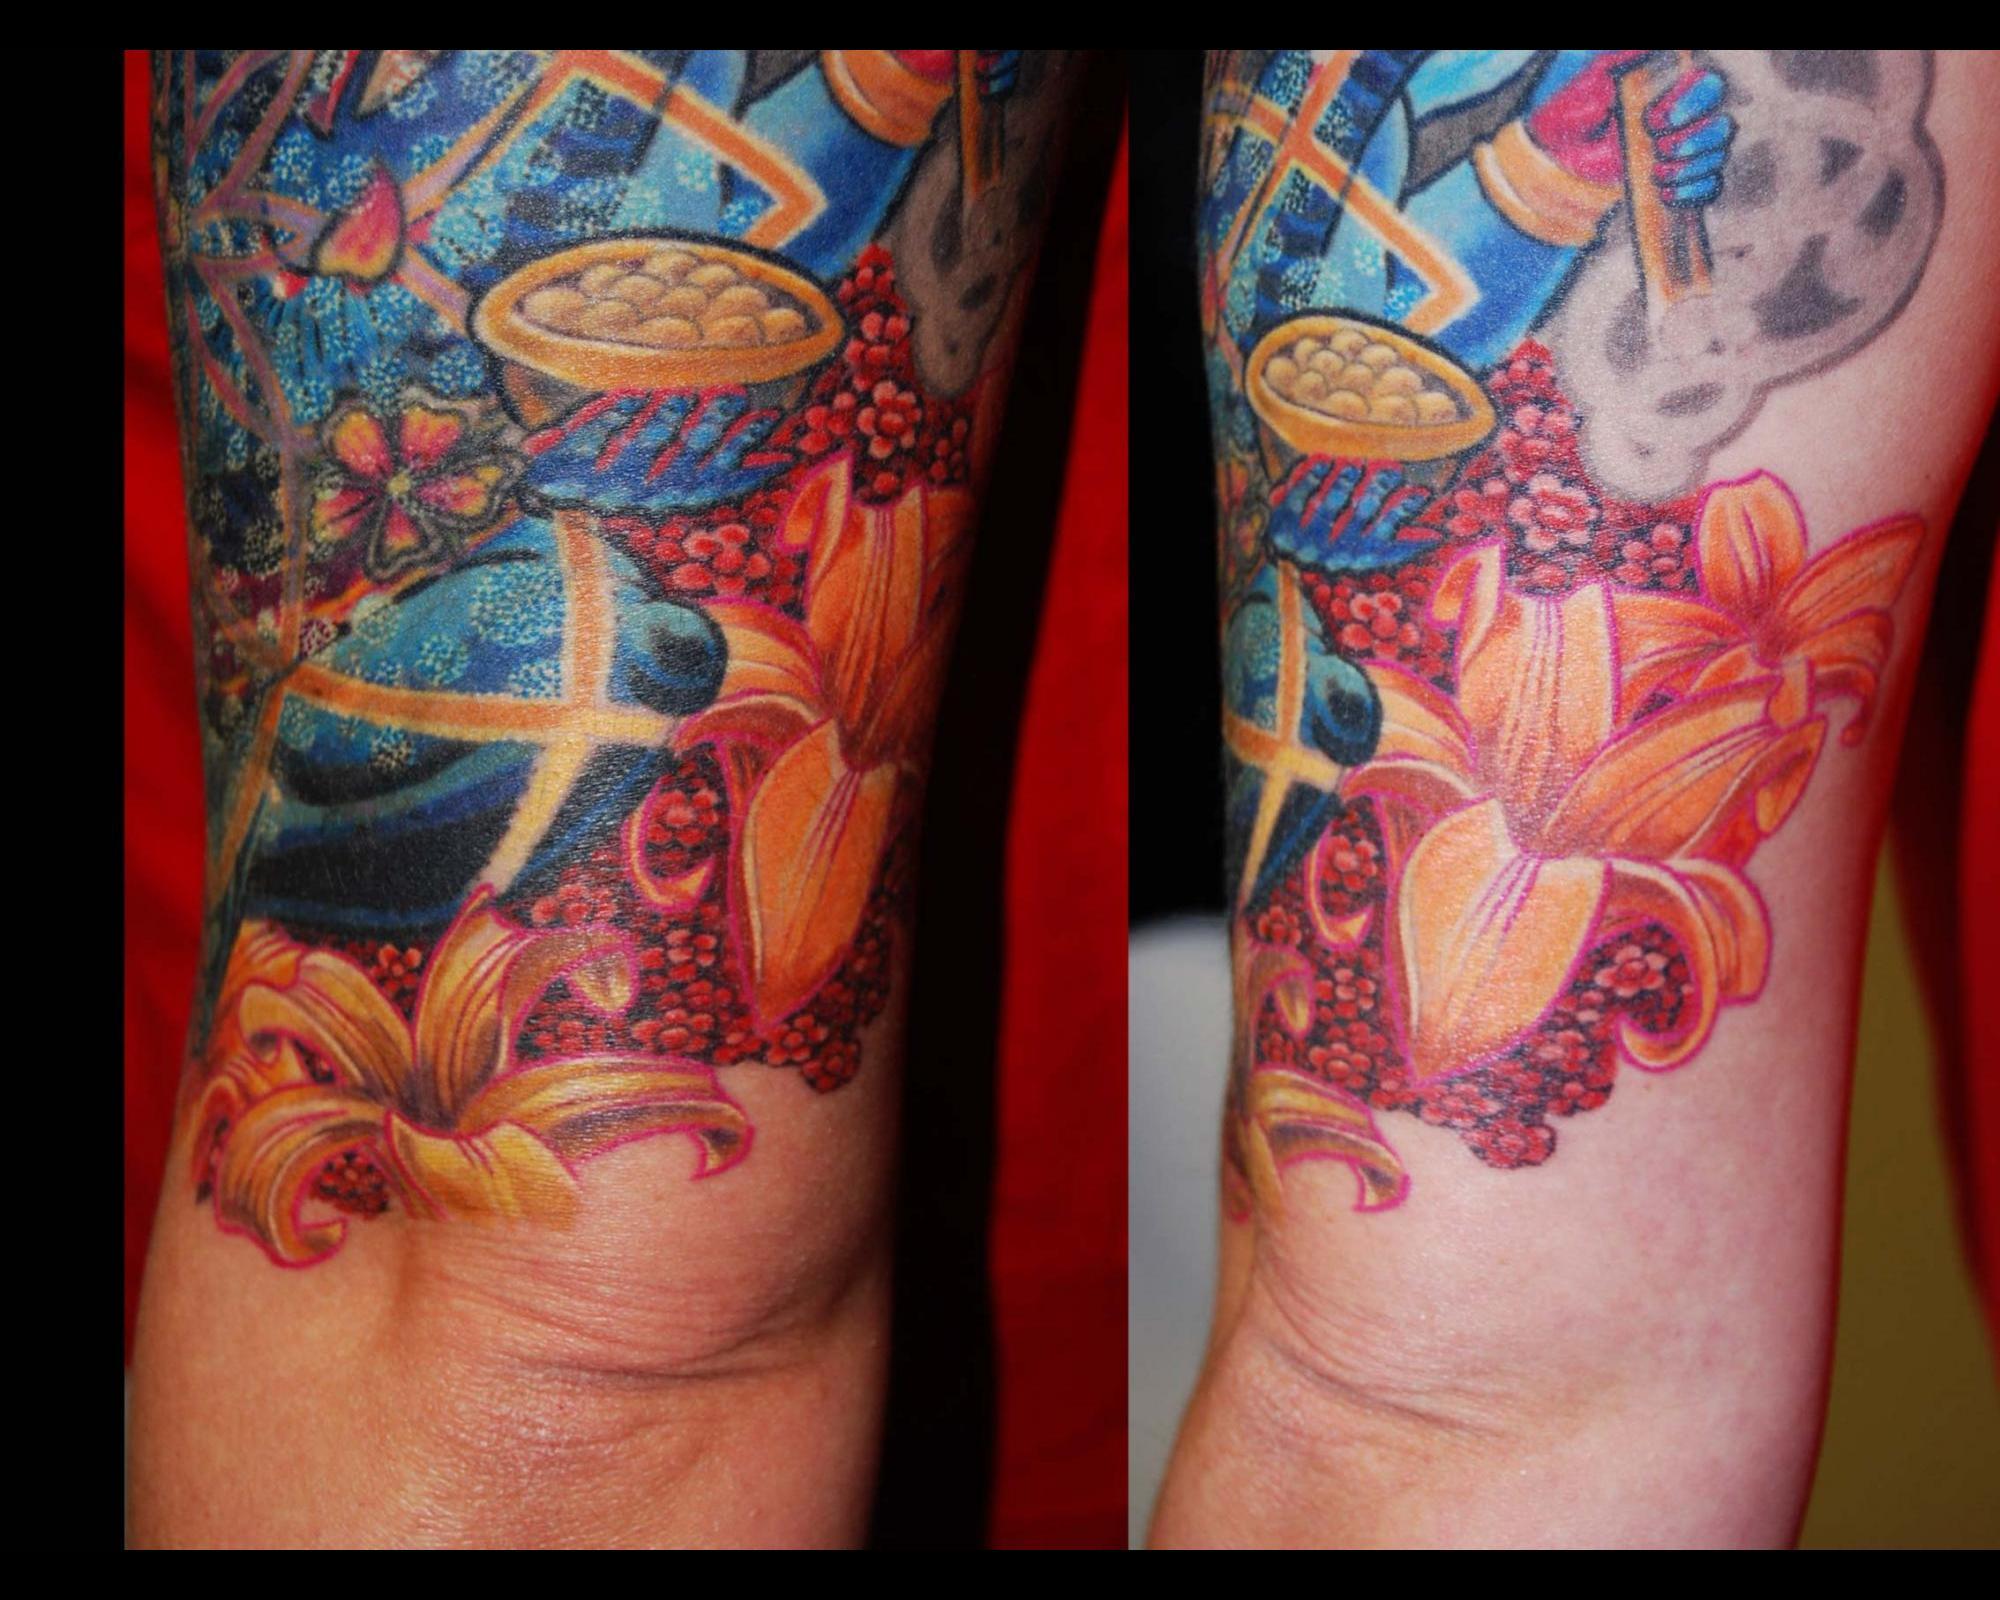 ueberdeckung-cover-up-tattoo-ganesha-blumen-muenchen-1